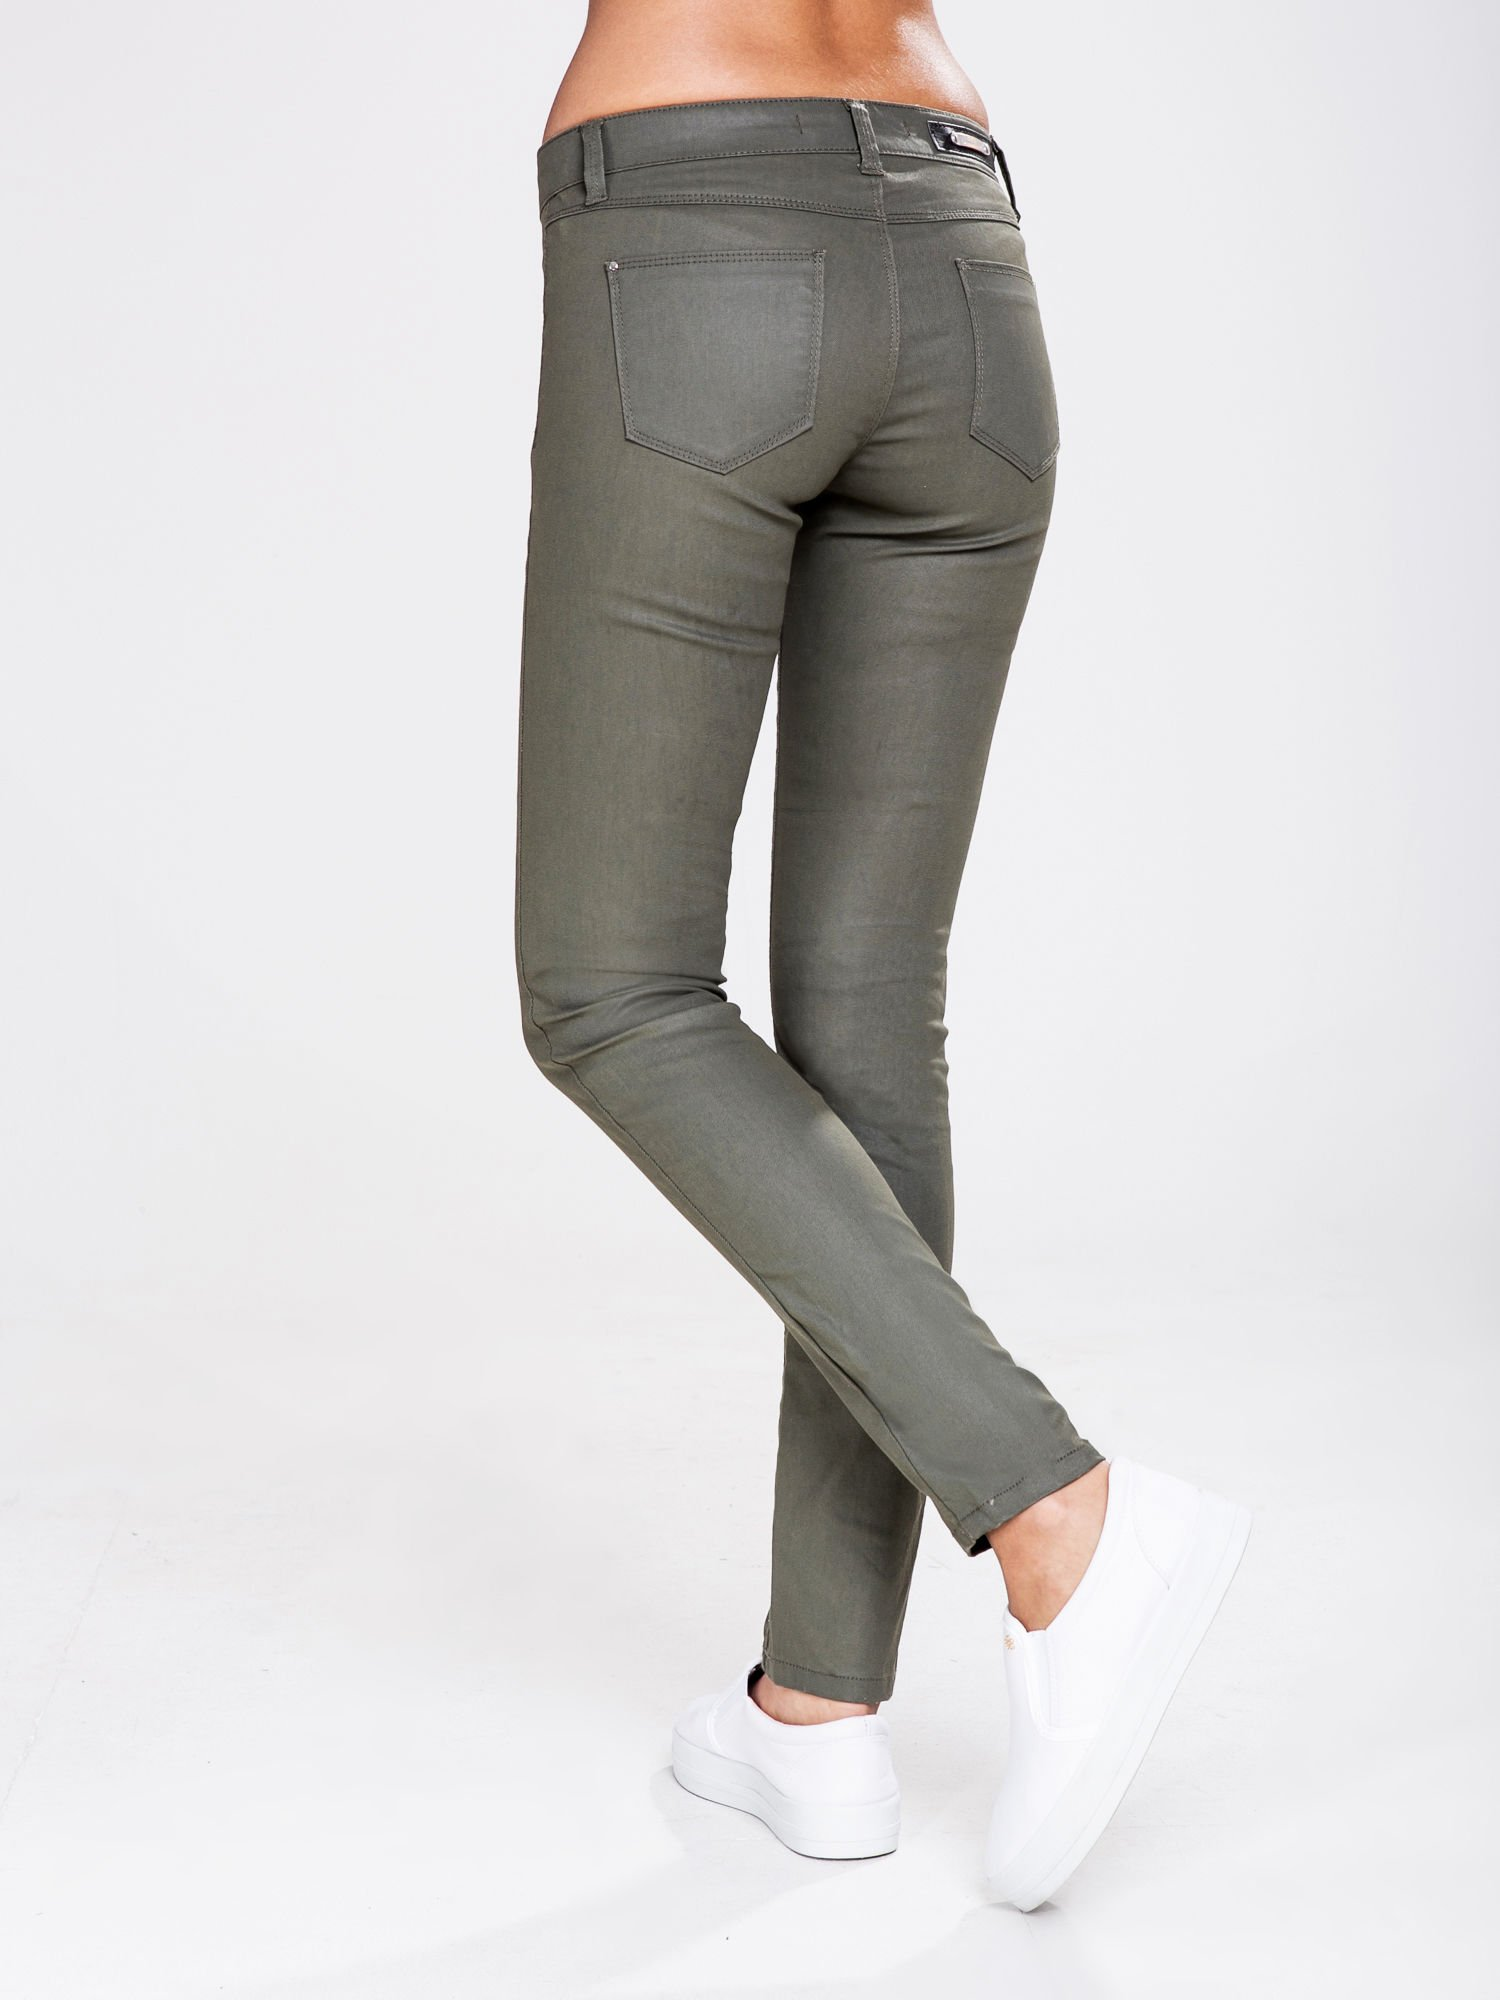 STRADIVARIUS Khaki spodnie rurki z woskowanego materiału                                  zdj.                                  2